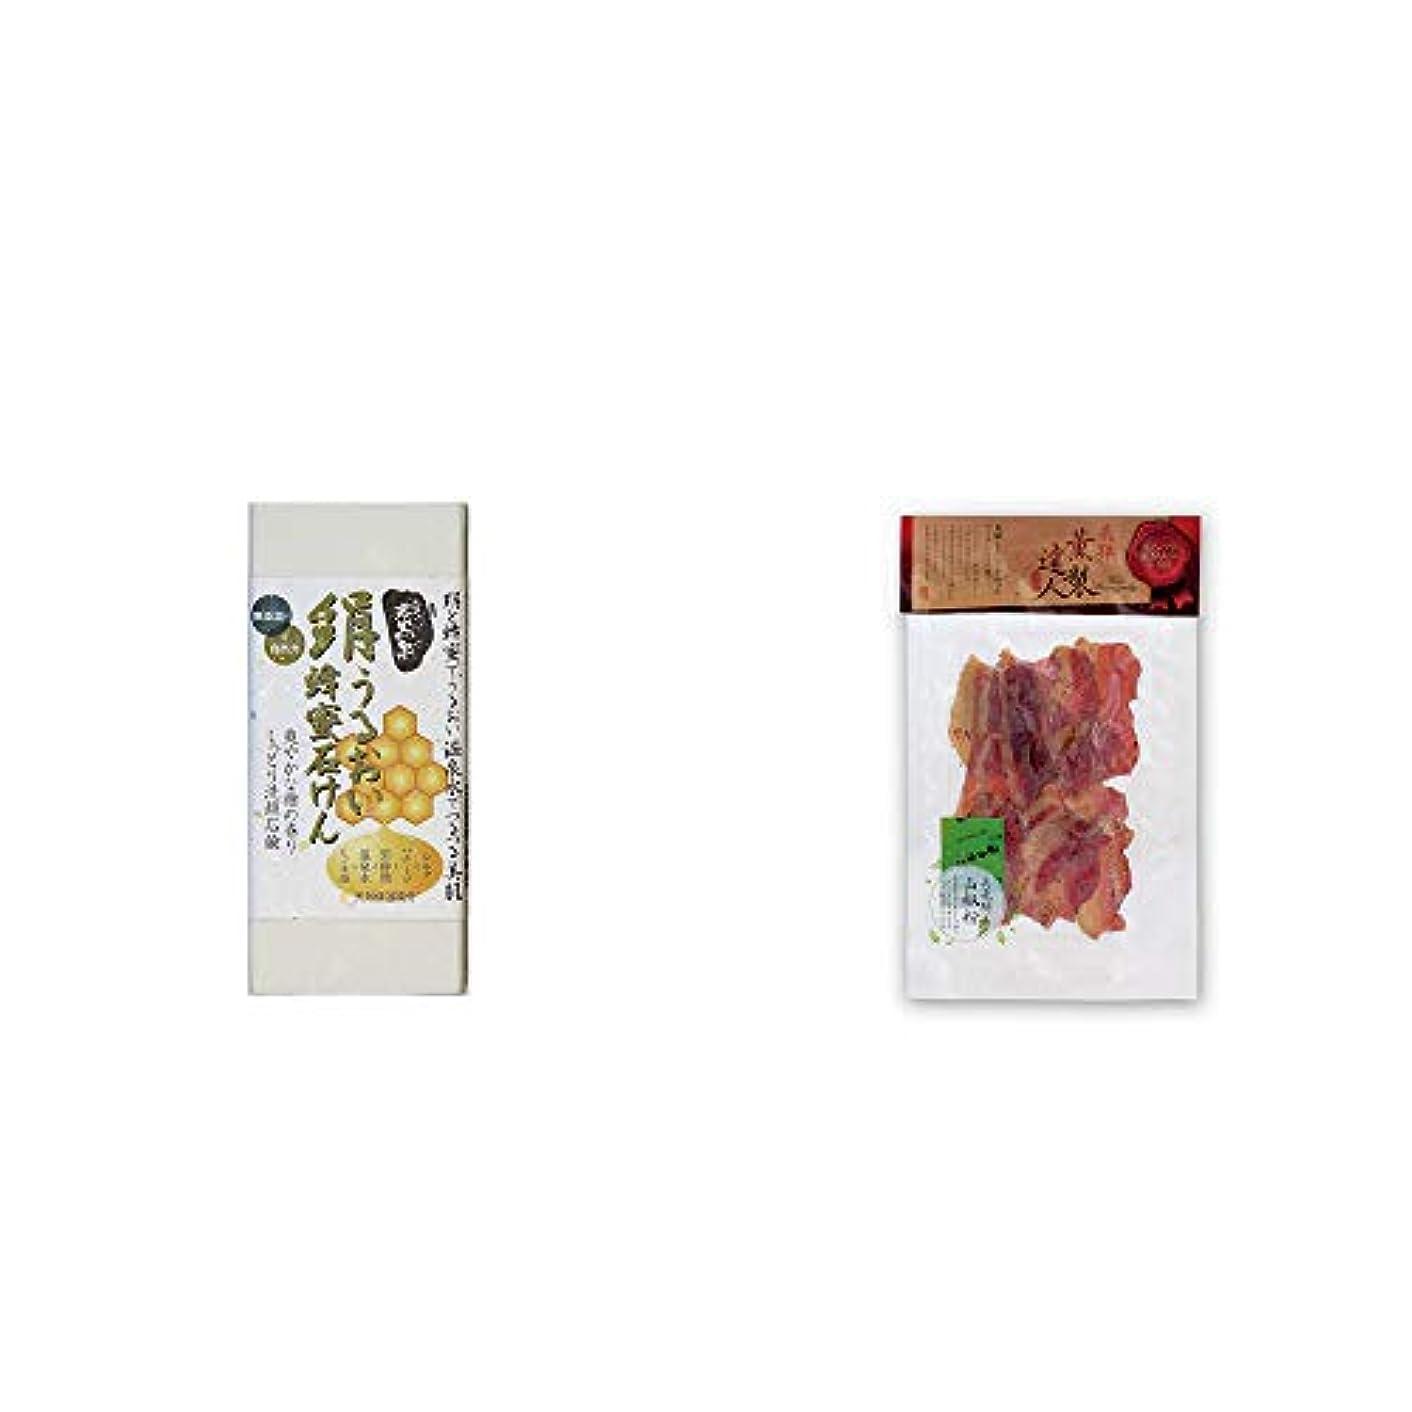 再生可能支援するのぞき穴[2点セット] ひのき炭黒泉 絹うるおい蜂蜜石けん(75g×2)?薫製達人 豚バラベーコン燻製(60g)[飛騨山椒付き]